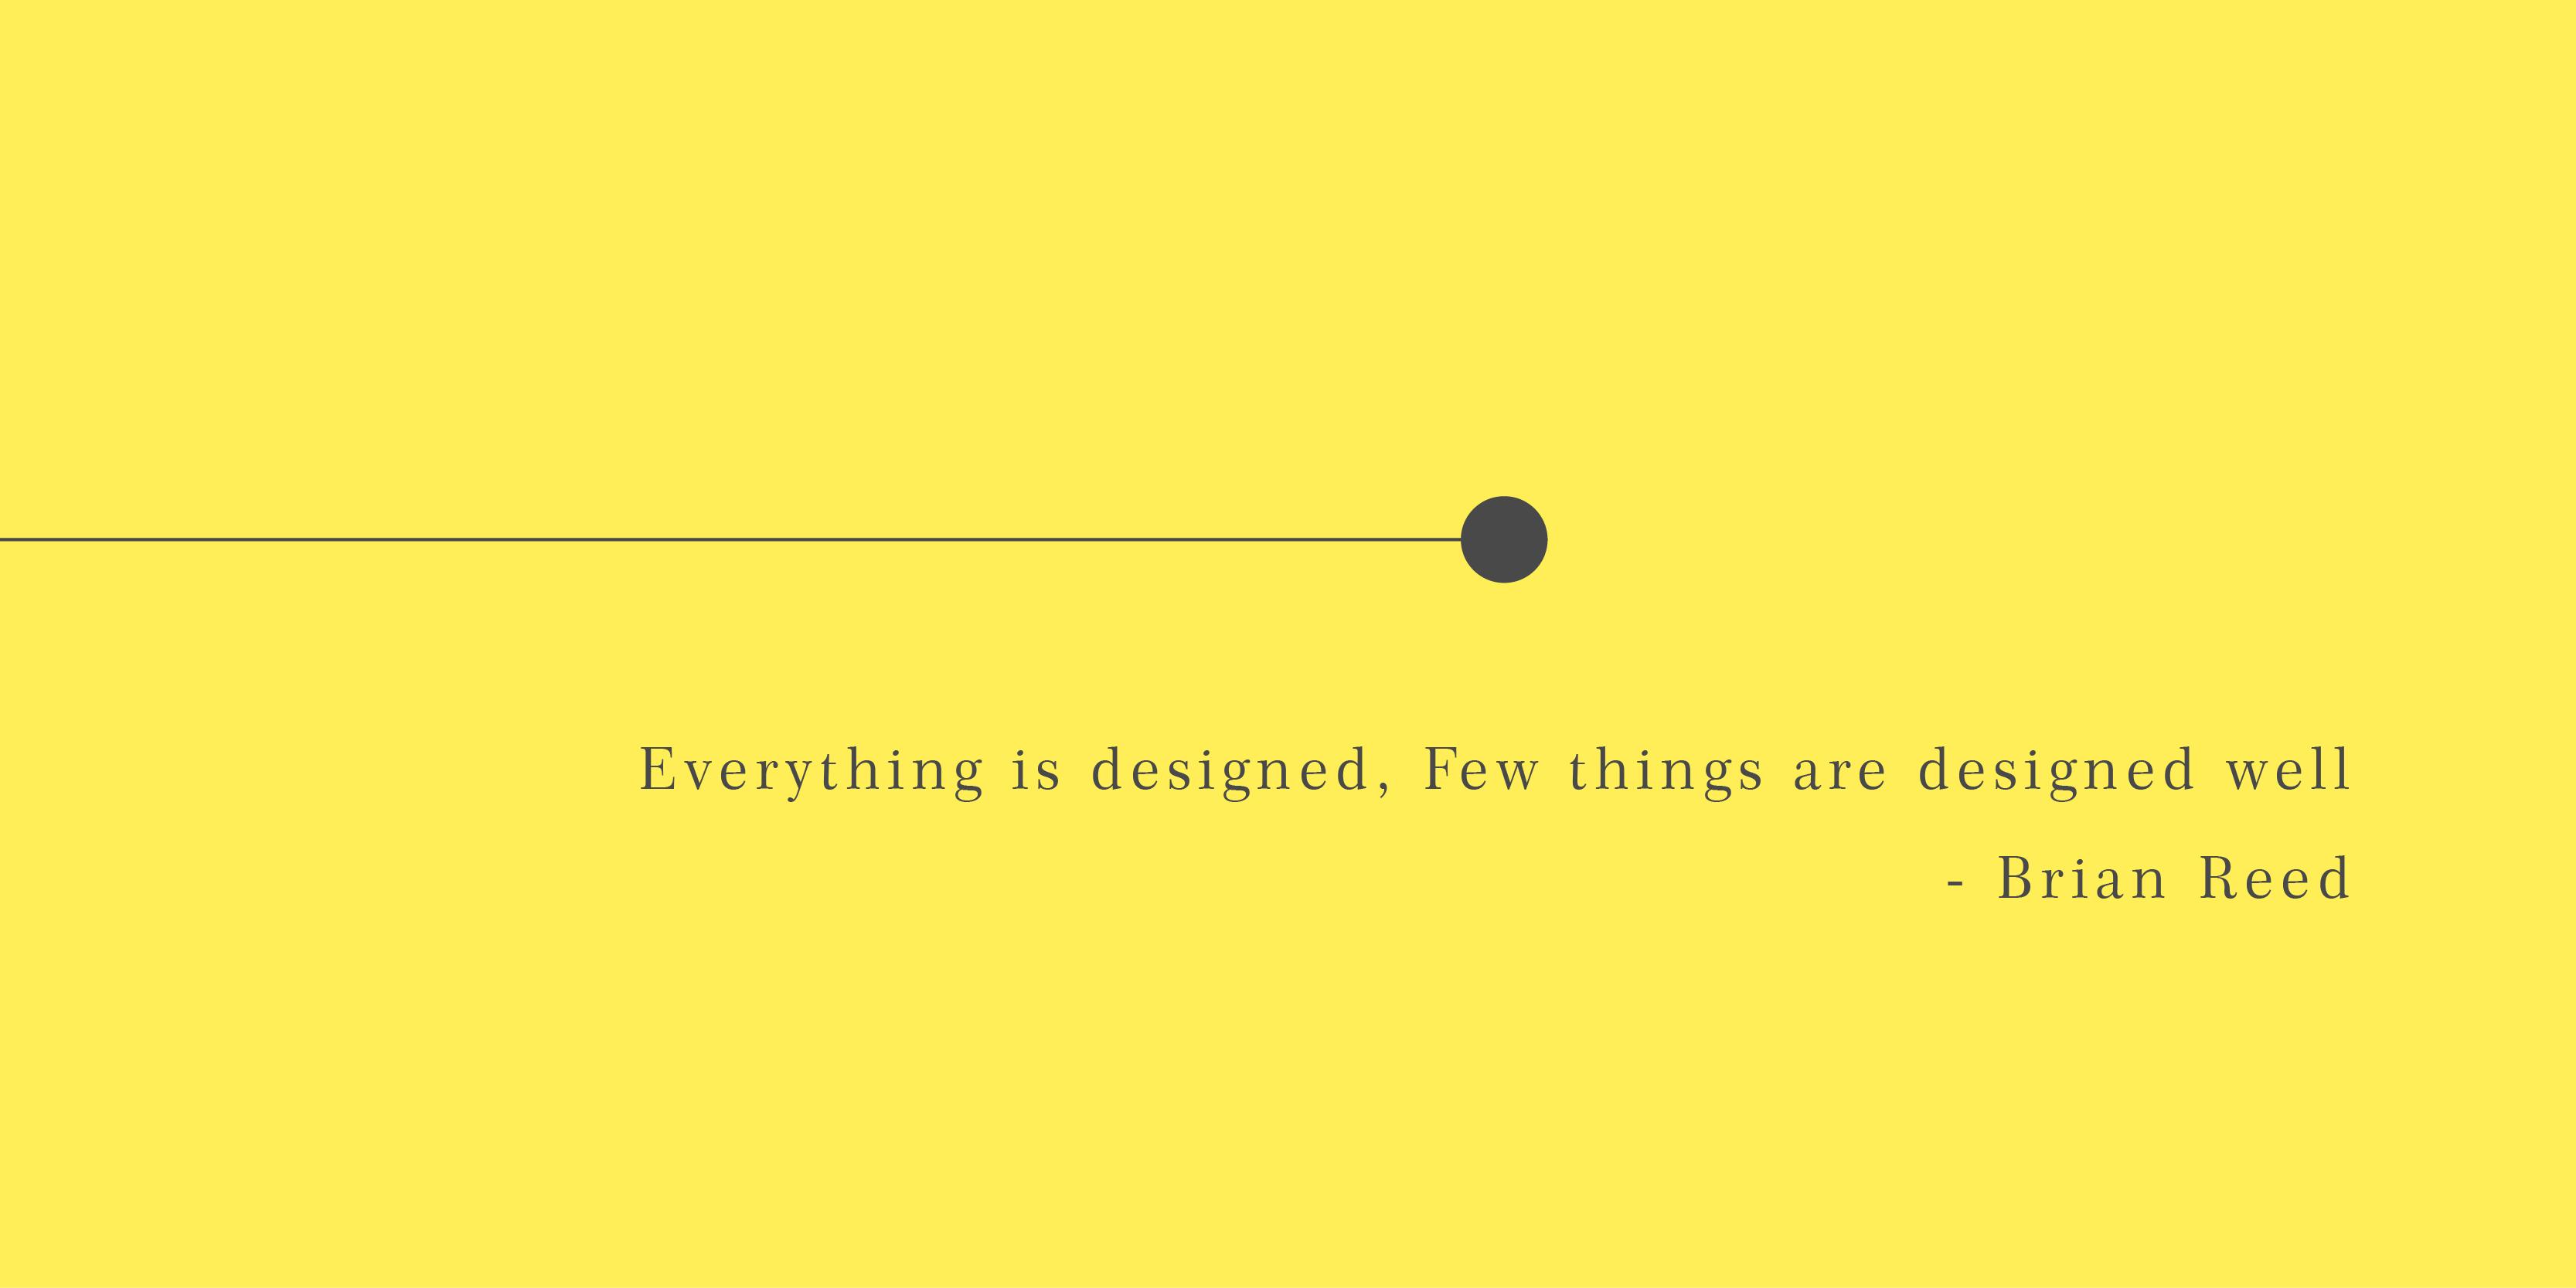 Minimalistic-design